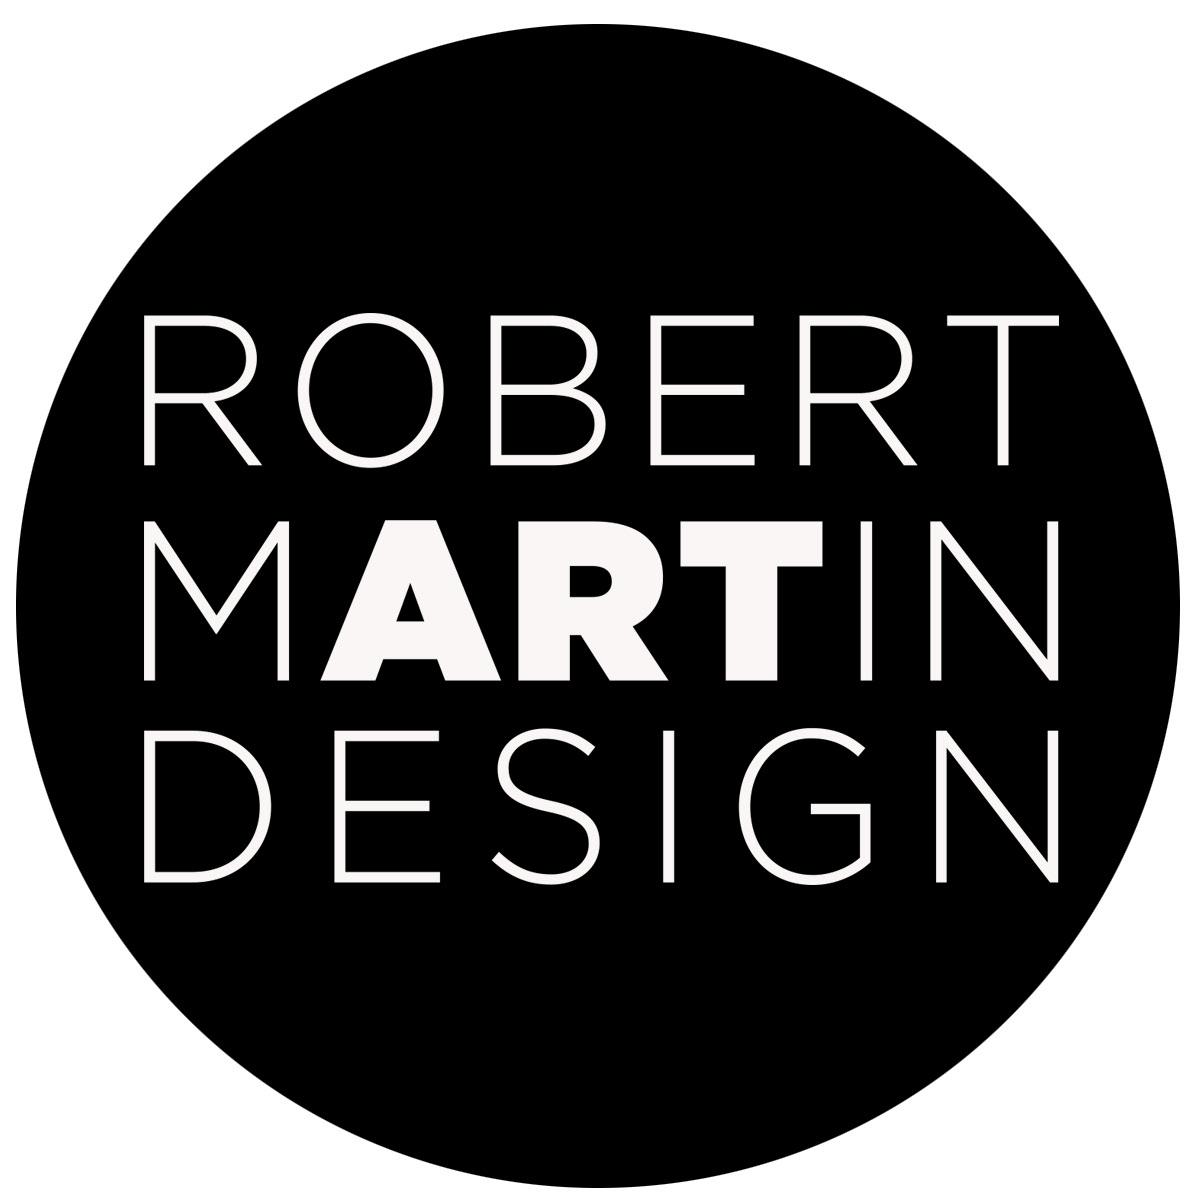 Robert Martin Design